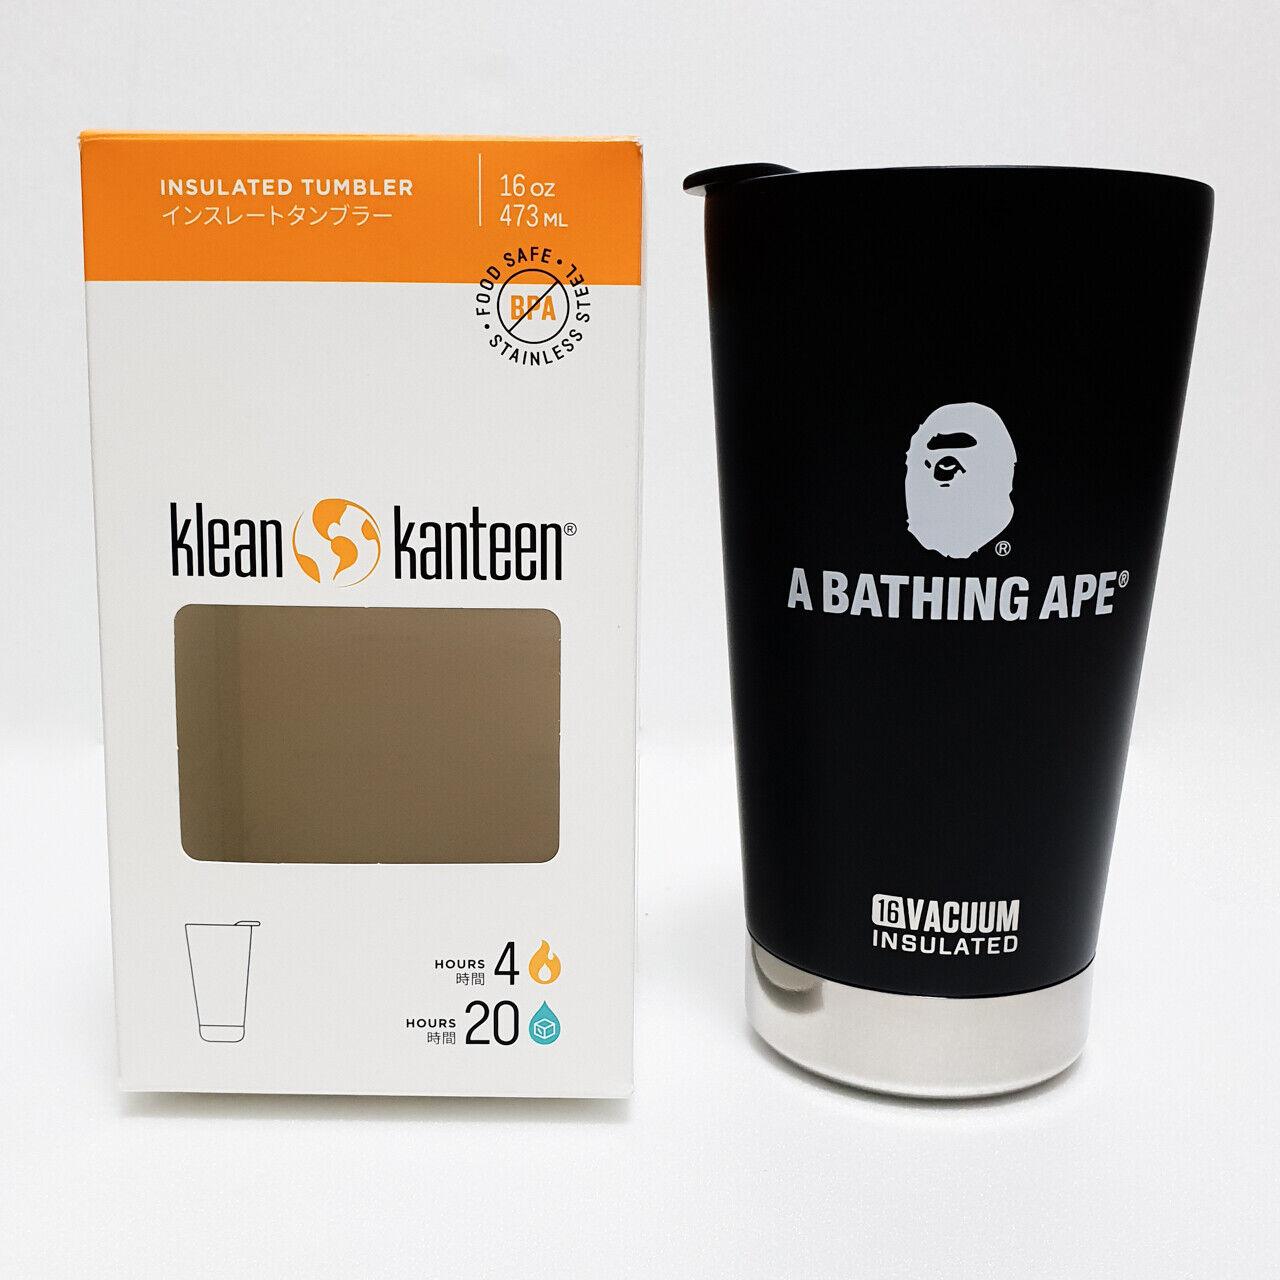 A Bathing Ape ® × Klean Kanteen Bape Vaso De Colección Al Aire Libre 16oz